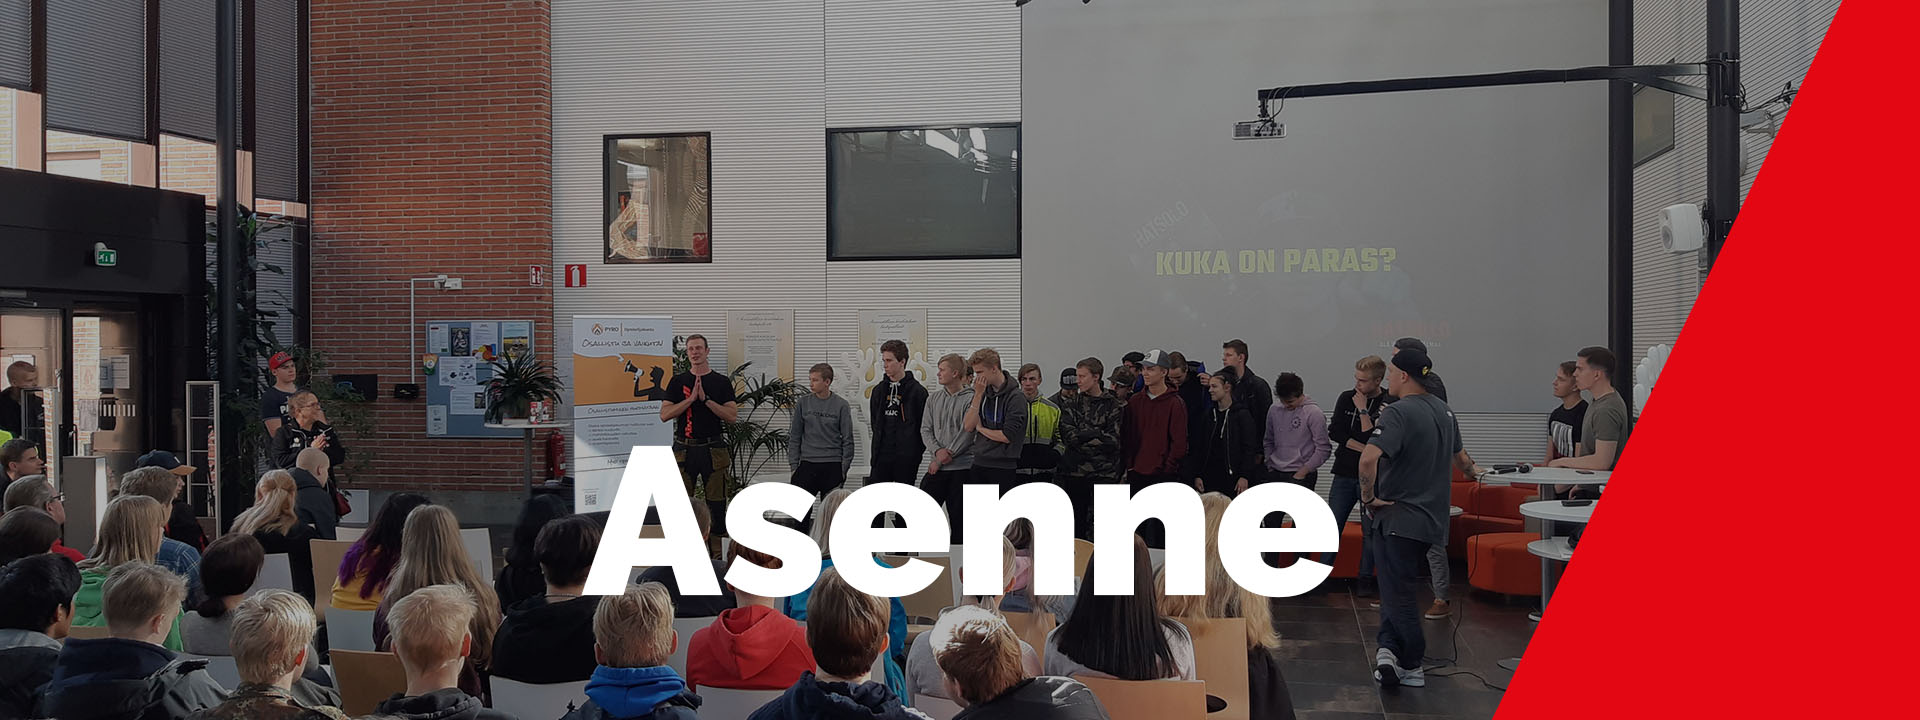 Kuva opiskelijaryhmästä ja opettajasta. Taustalla taululla lukee KUKA ON PARAS? kuvassa lukee isolla ASENNE.